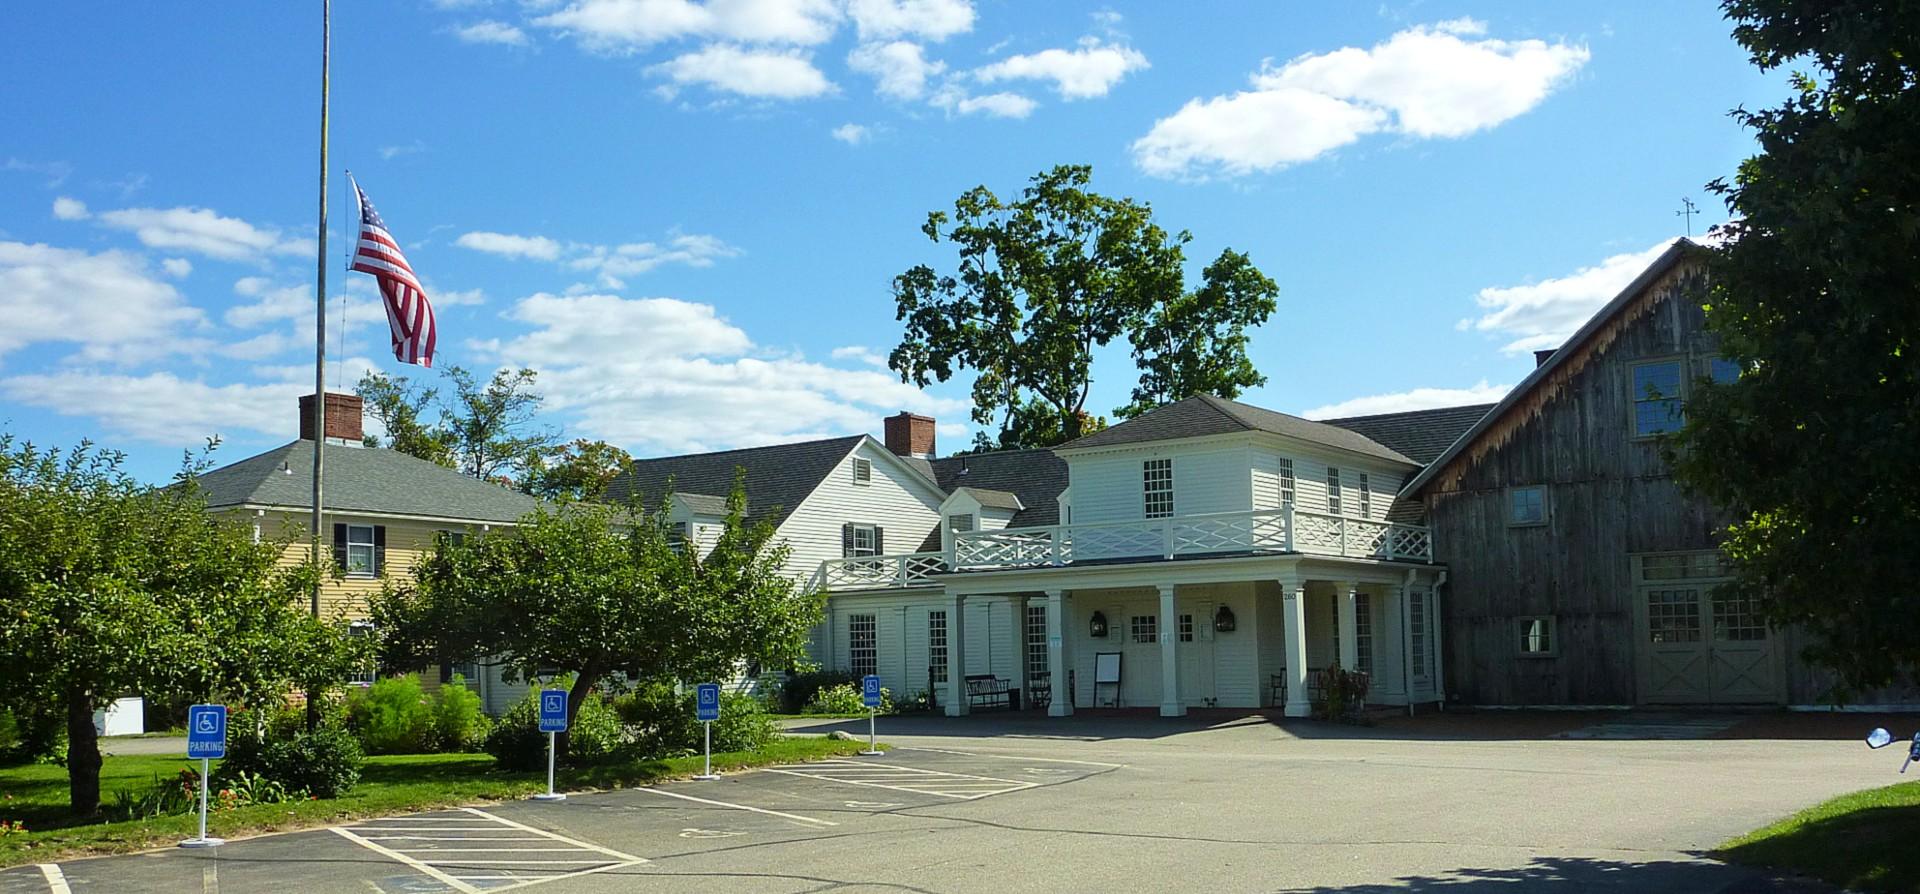 Salem Cross Inn, West Brookfield, Massachusetts.